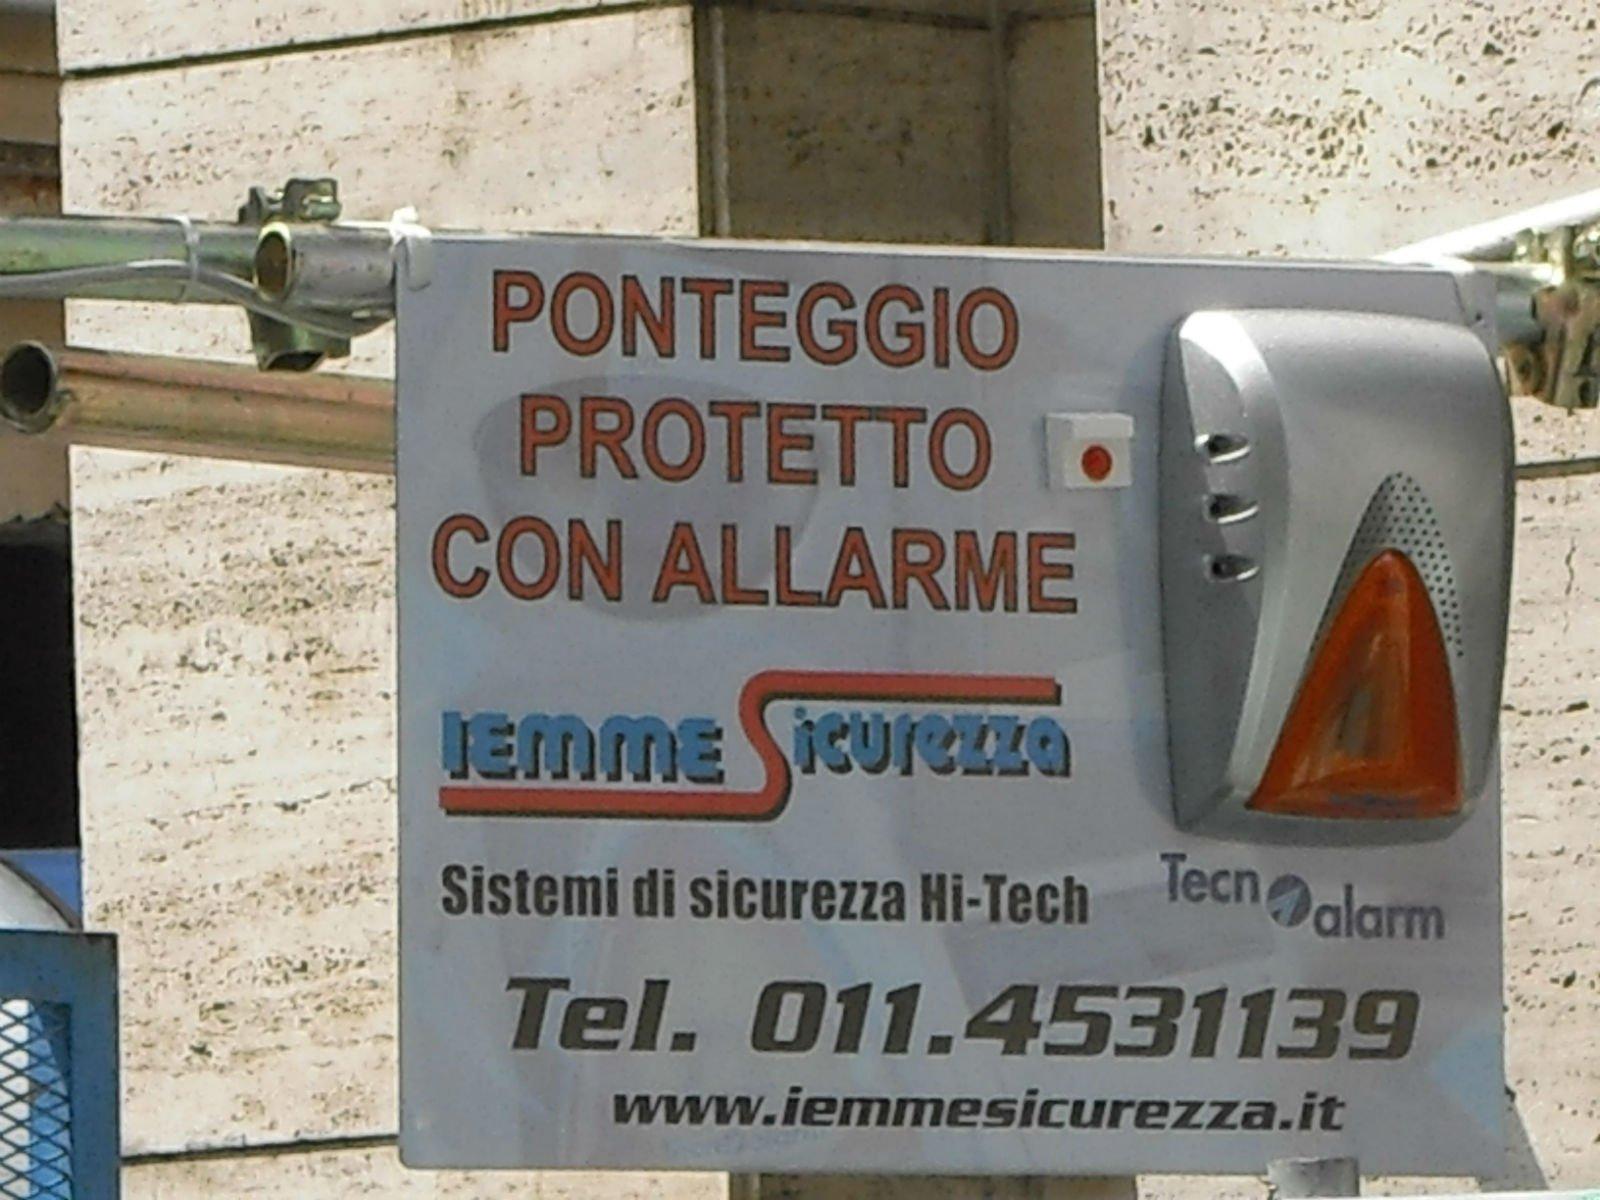 cartello per ponteggio protetto con allarme